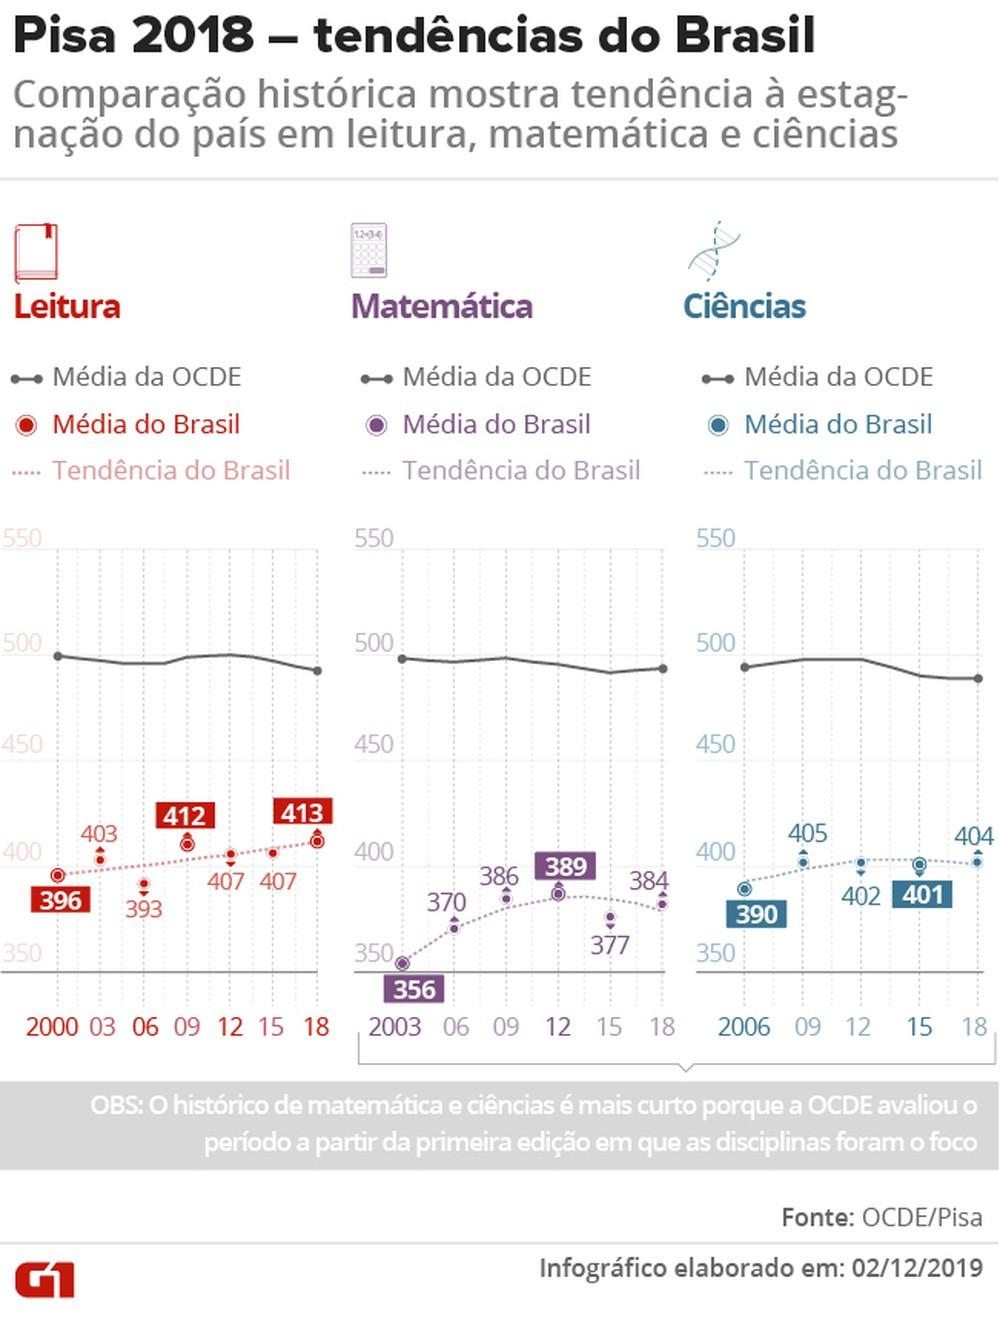 InovaMo - Tendência de estagnação do Brasil